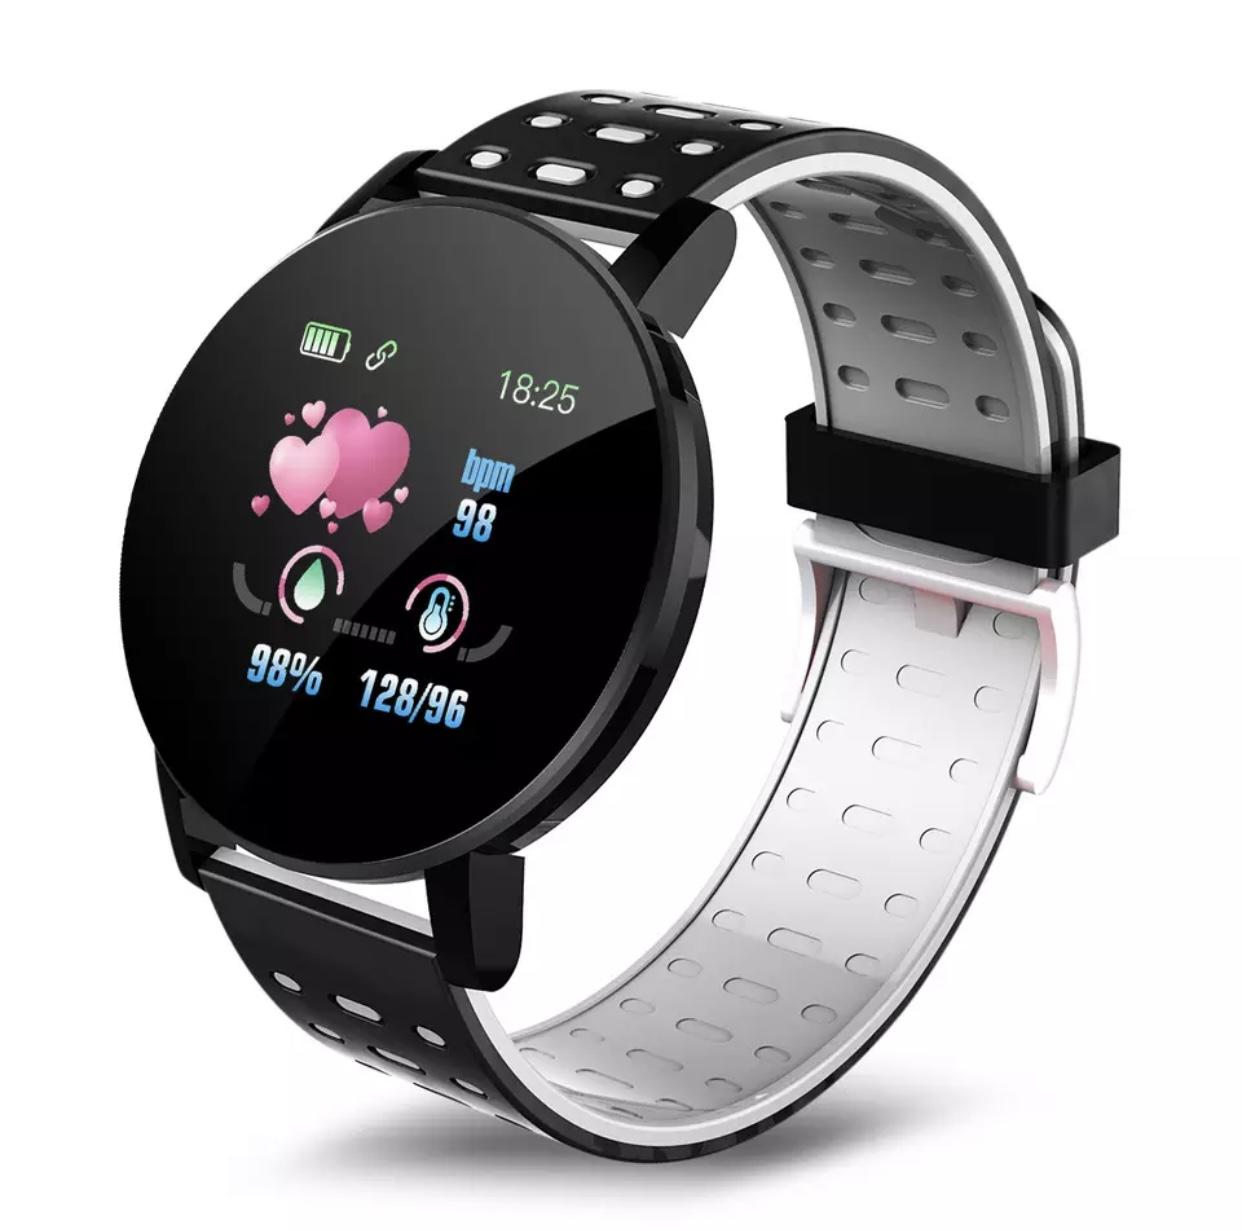 SmartWatch Watch Smartband Pulsometer Pulsometer шагомер